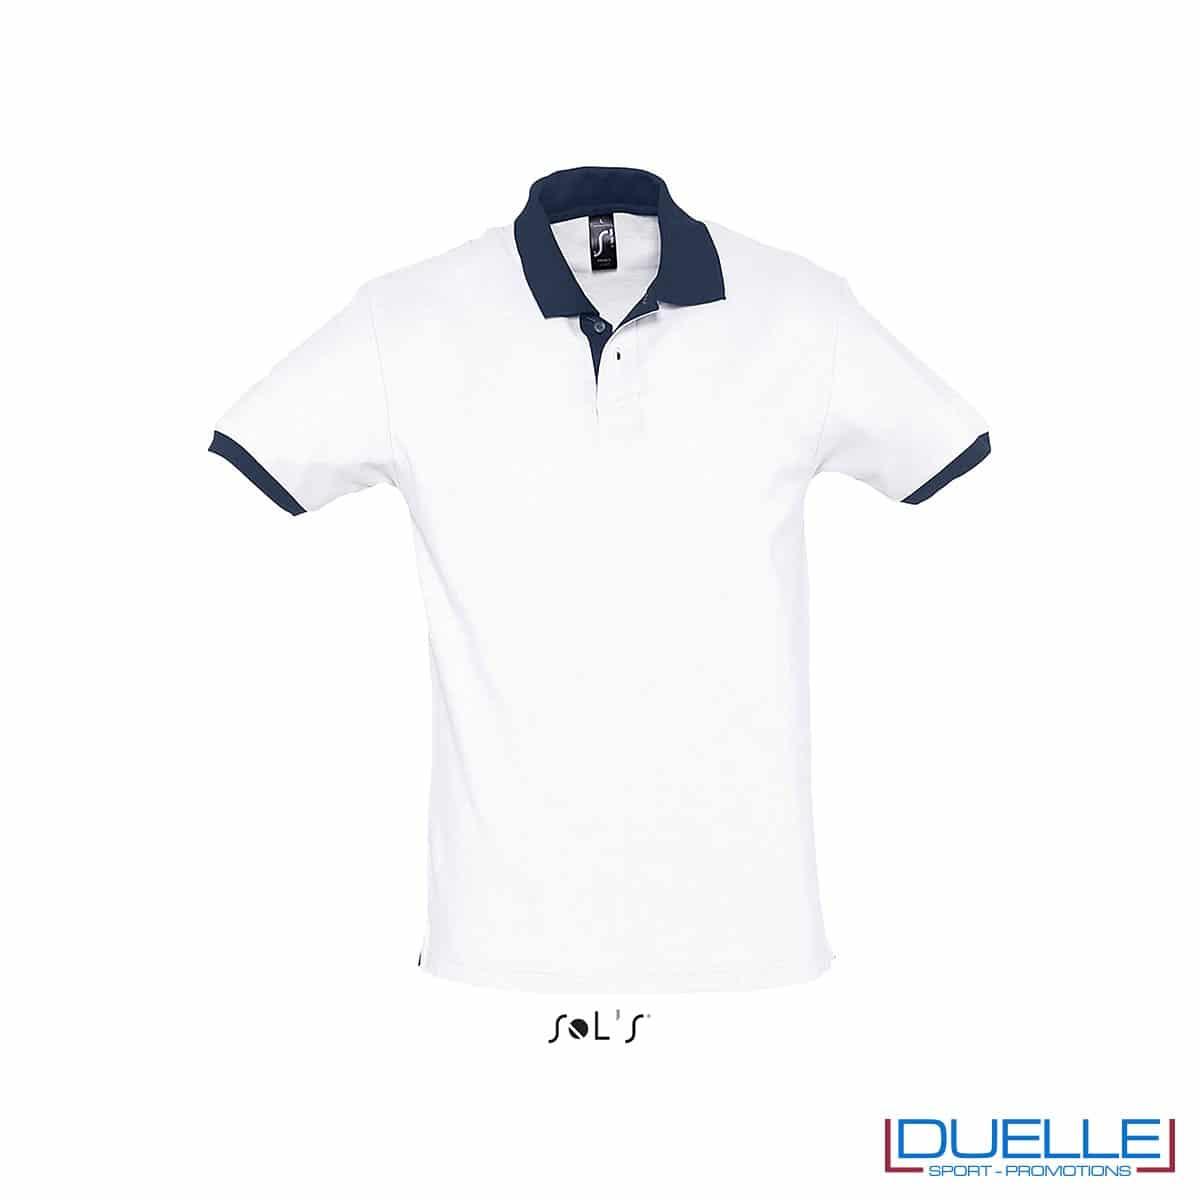 polo personalizzata color bianco con finiture a contrasto, abbigliamento promozionale personalizzato